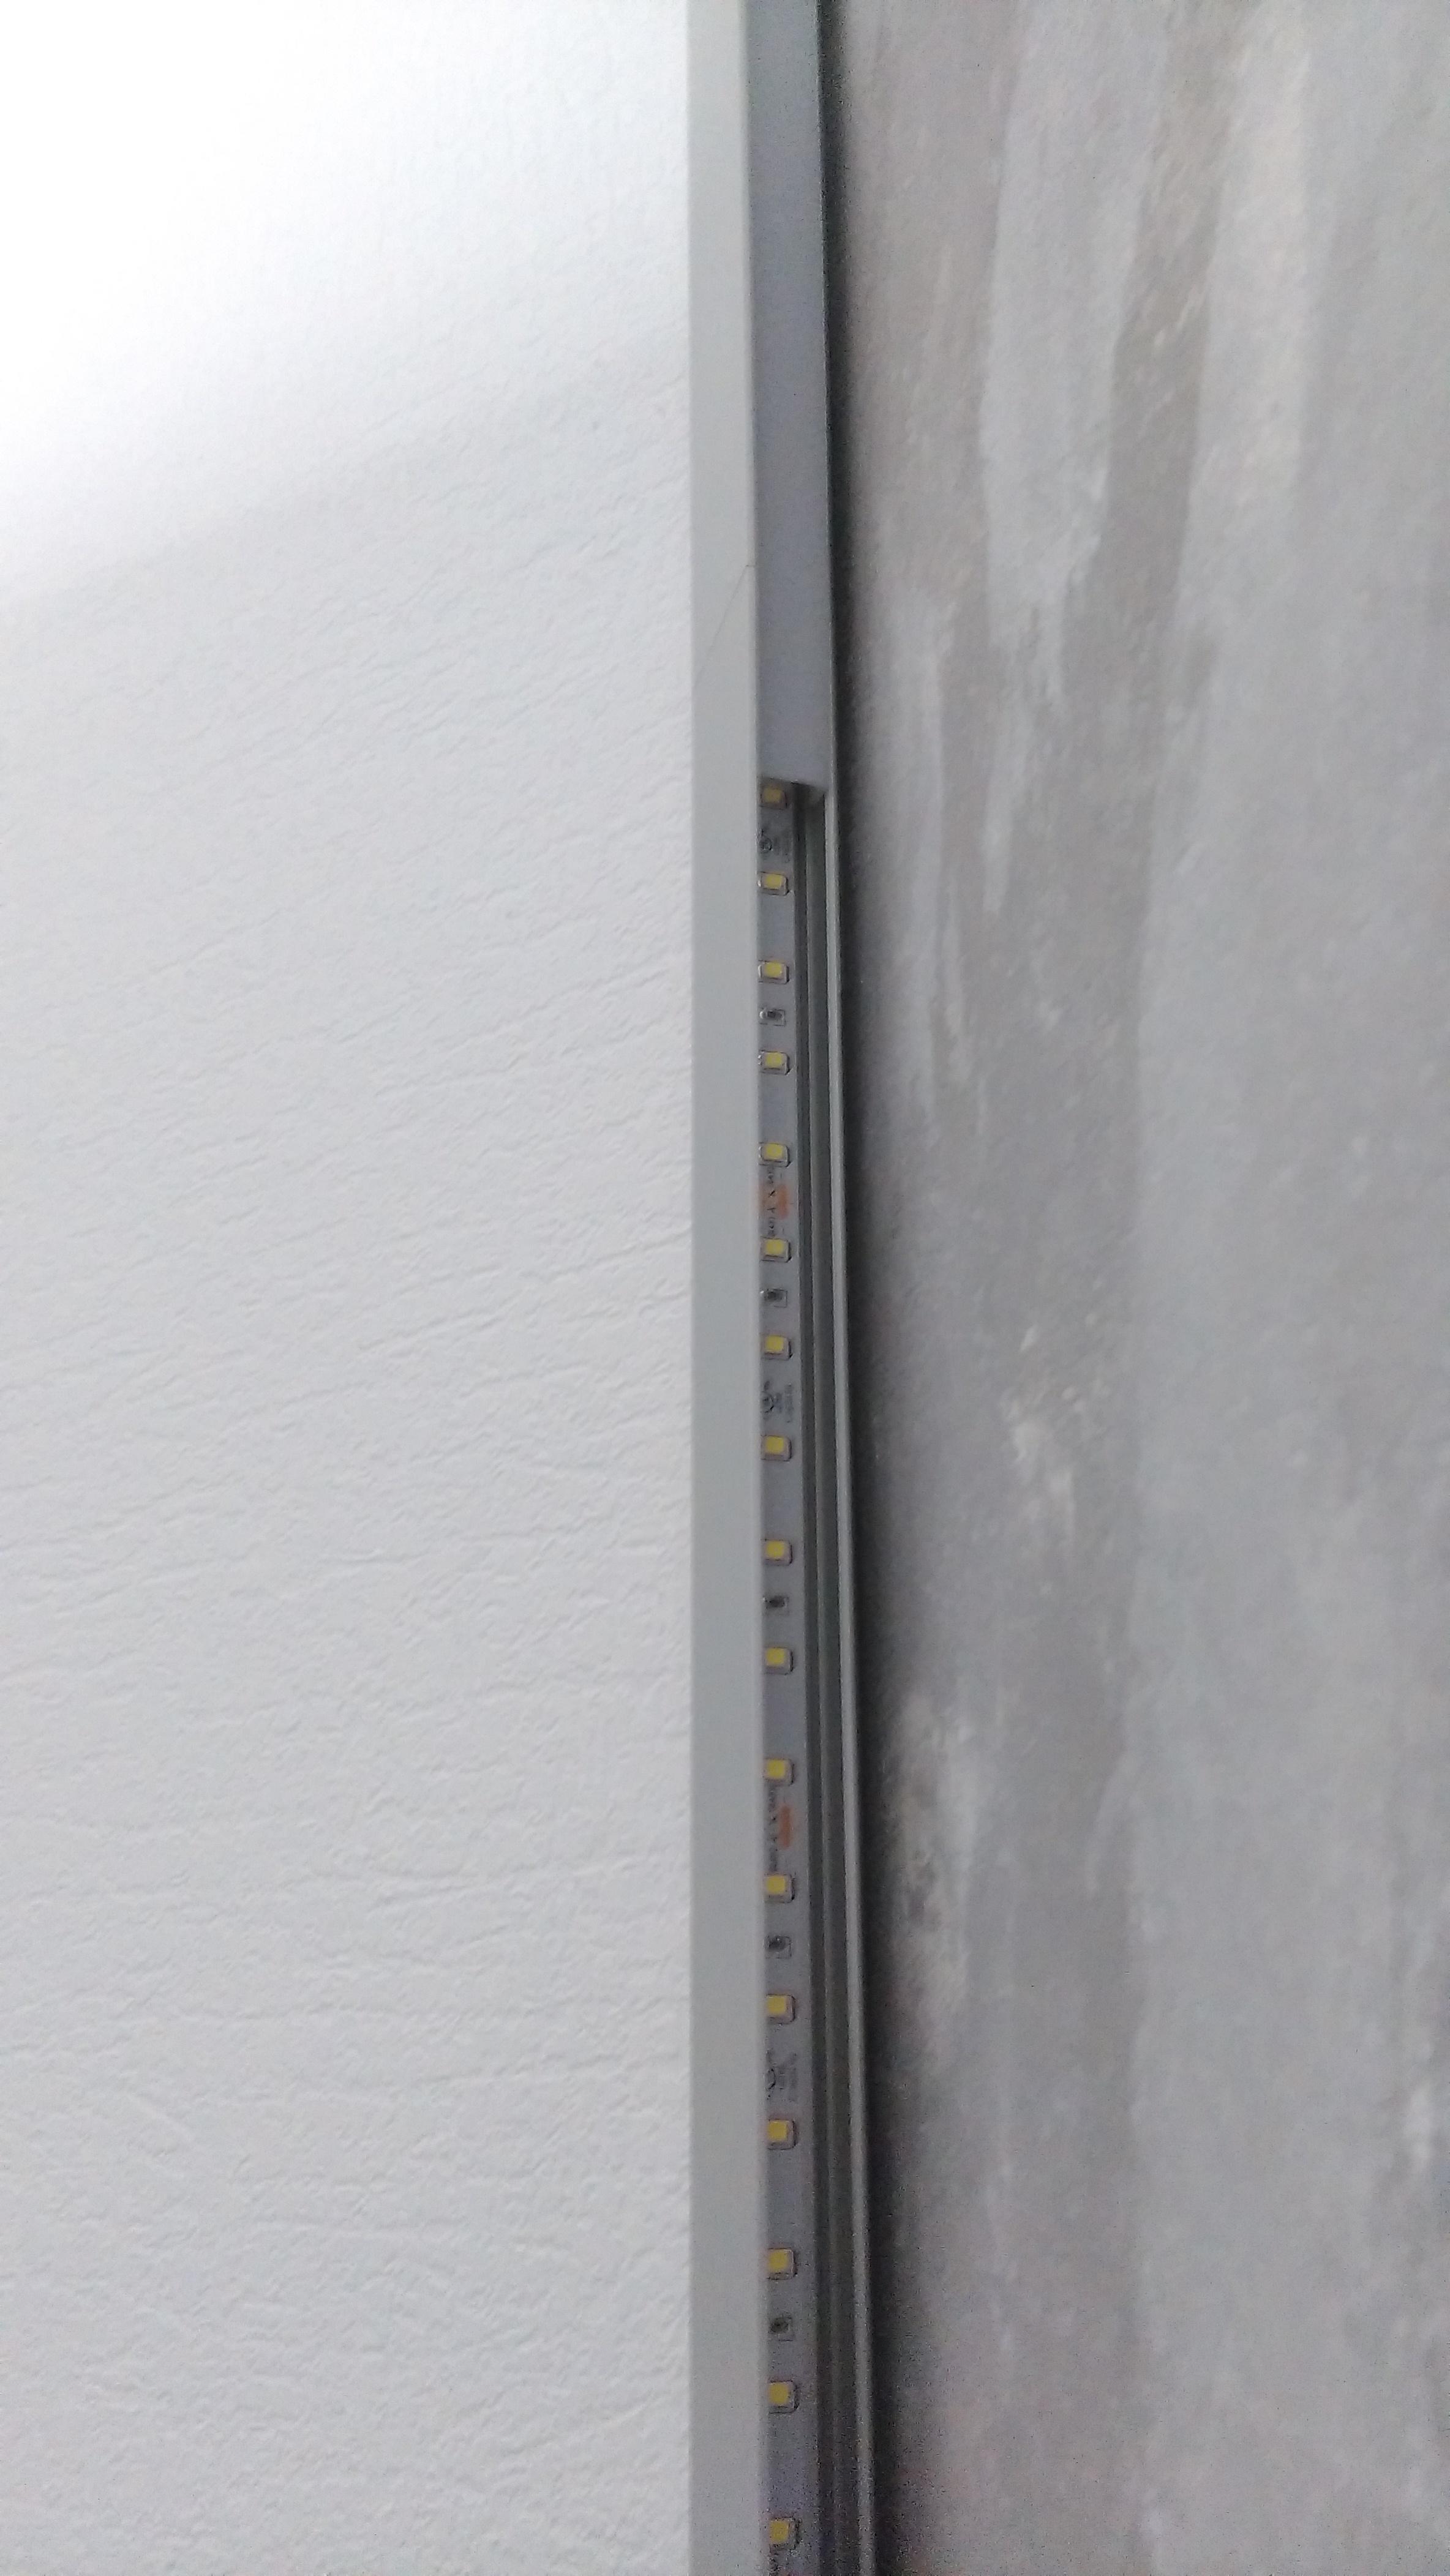 LED Alu Schiene mit Abdeckung